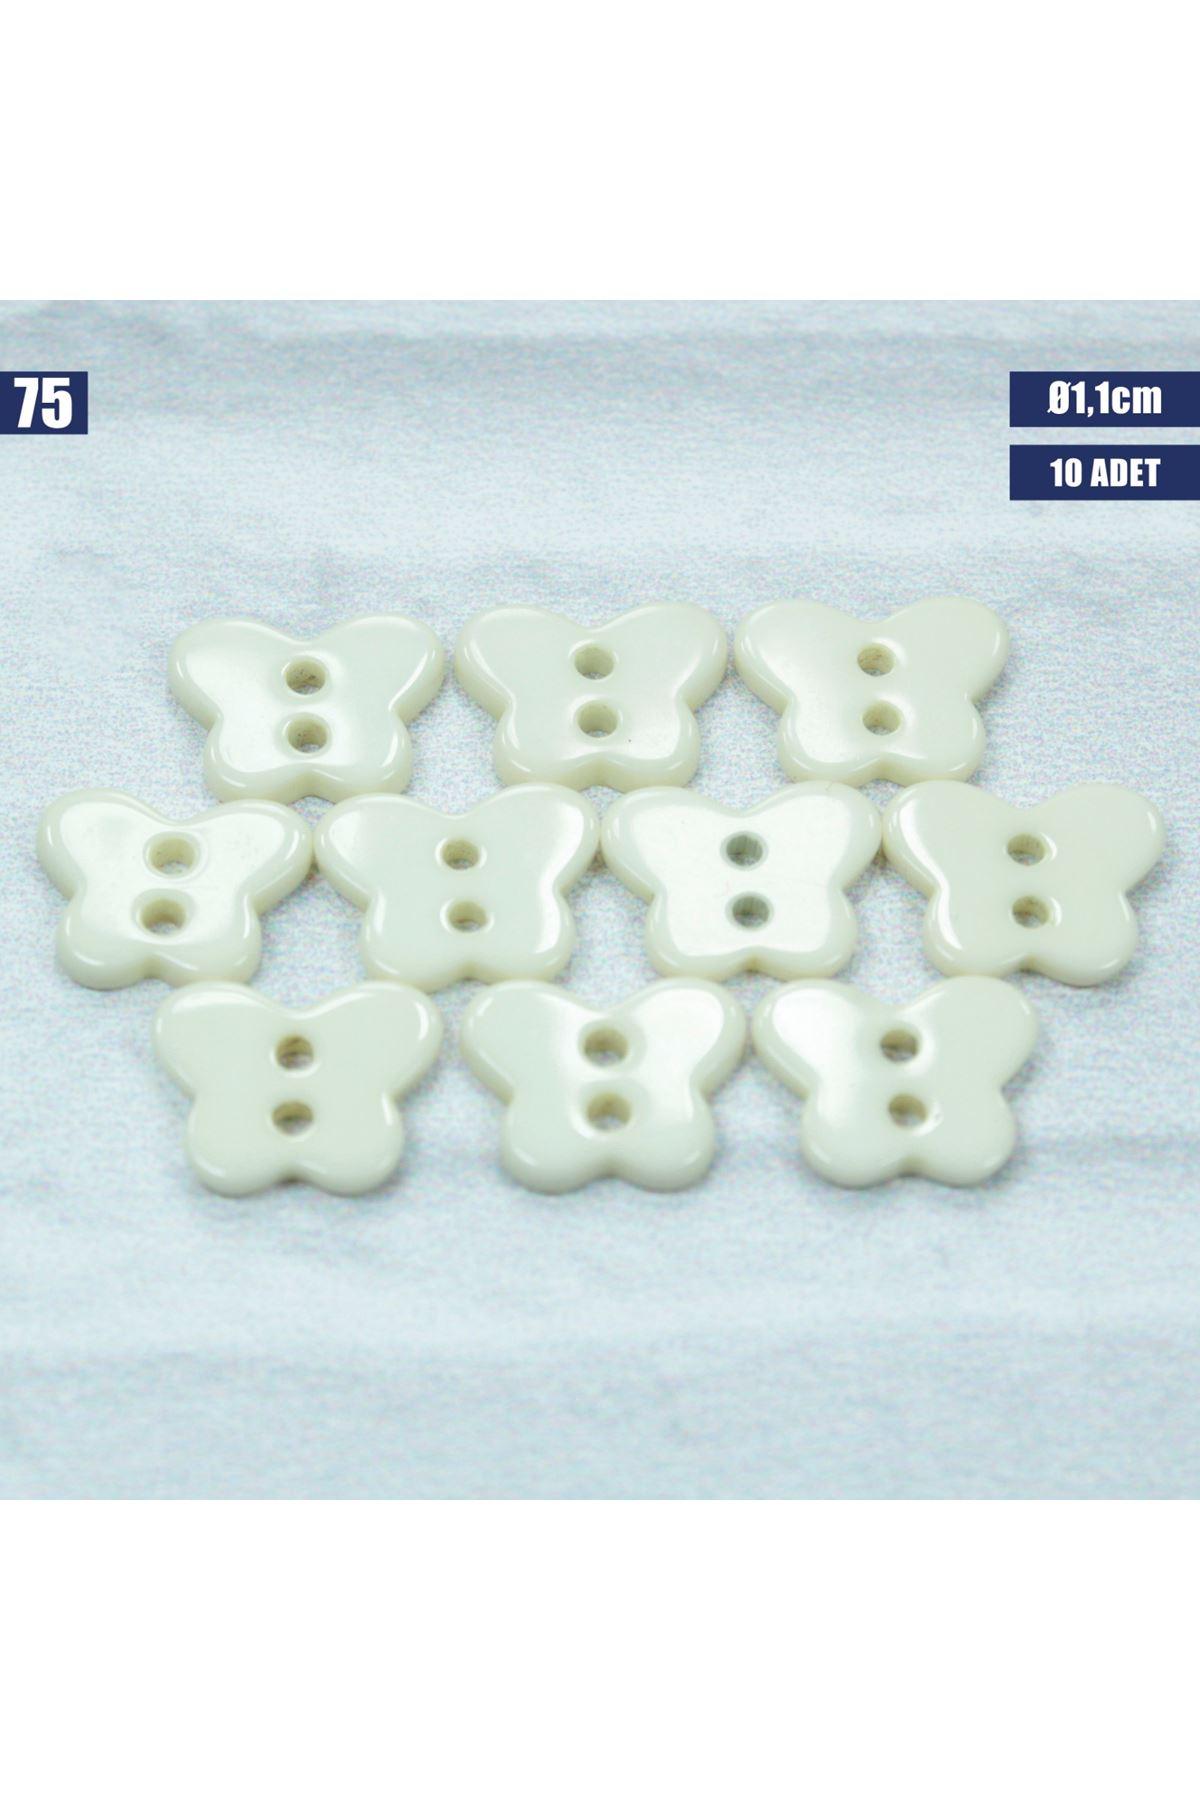 Amigurumi Düğmesi Ø 1,1cm - 75